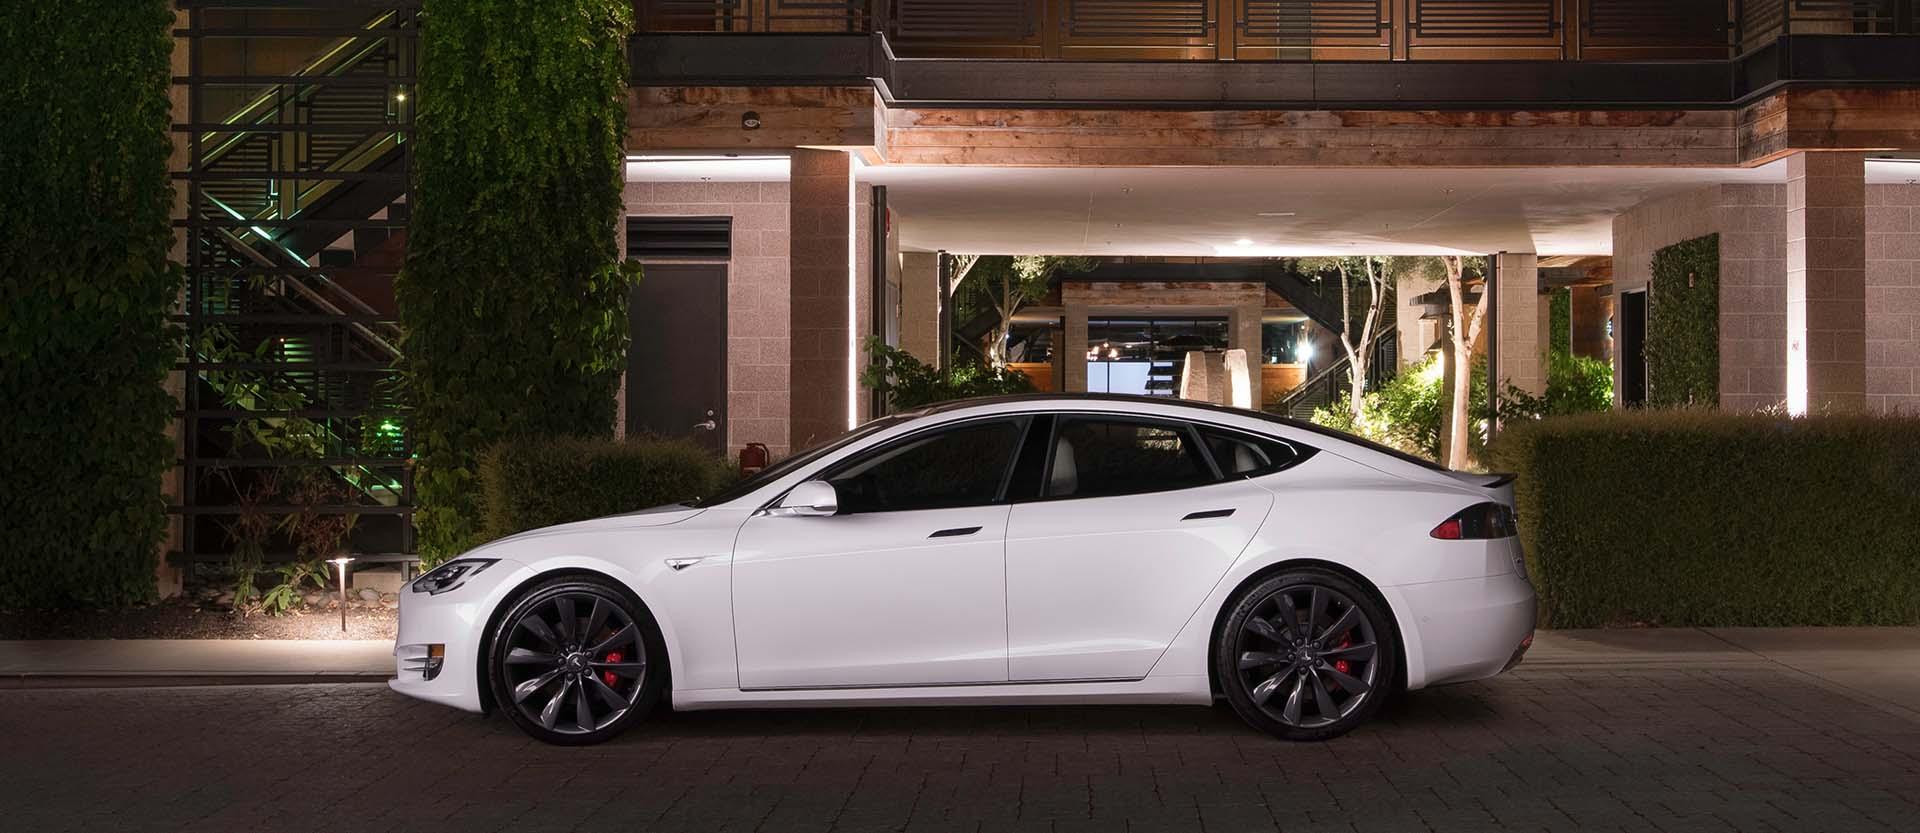 Tesla Model S 75d >> All-wheel drive now standard on Tesla Model S, Model X